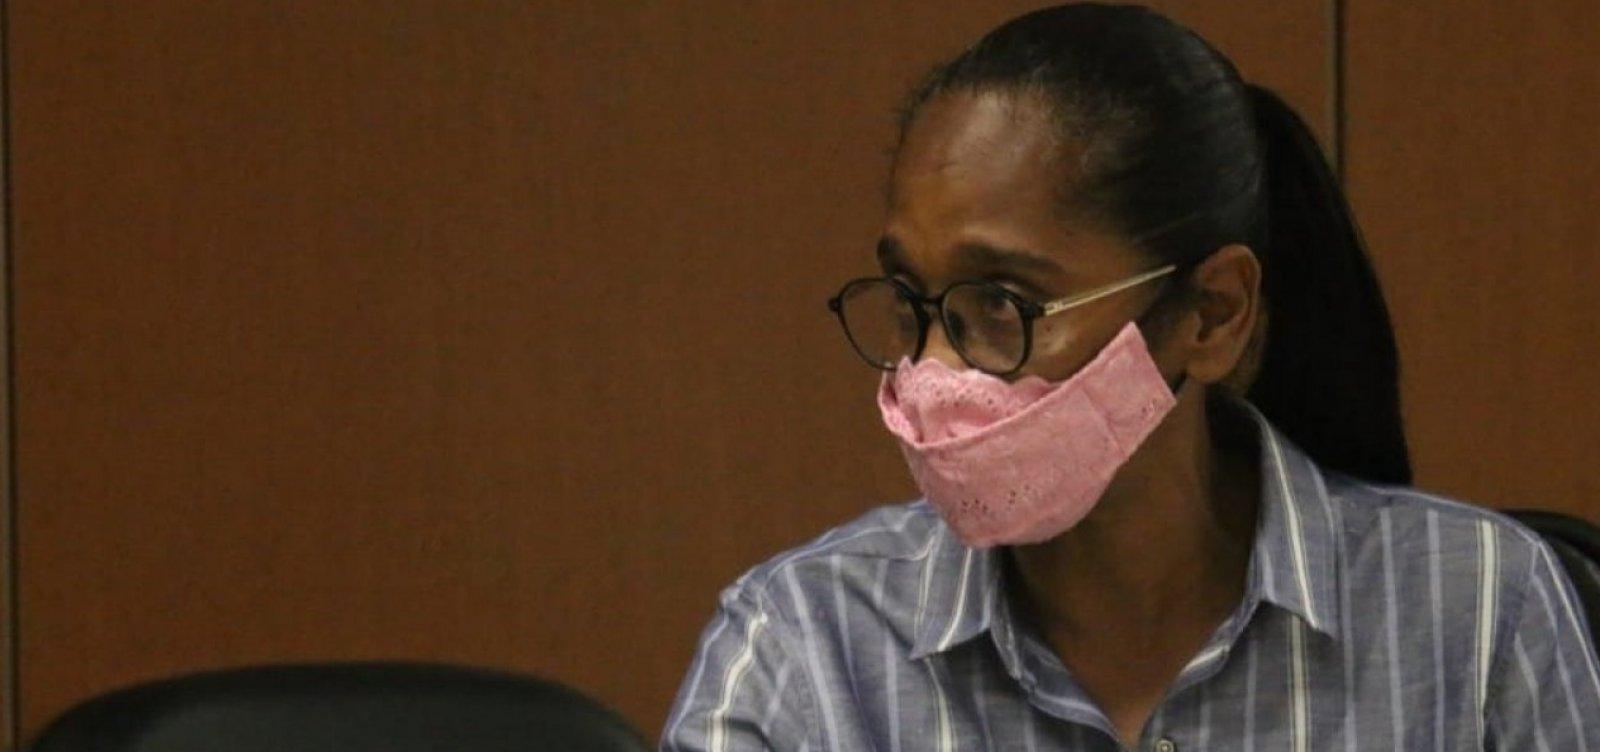 Sobrinha da prefeita de Cachoeira é assassinada; grupo interno não vê relação com ameaças